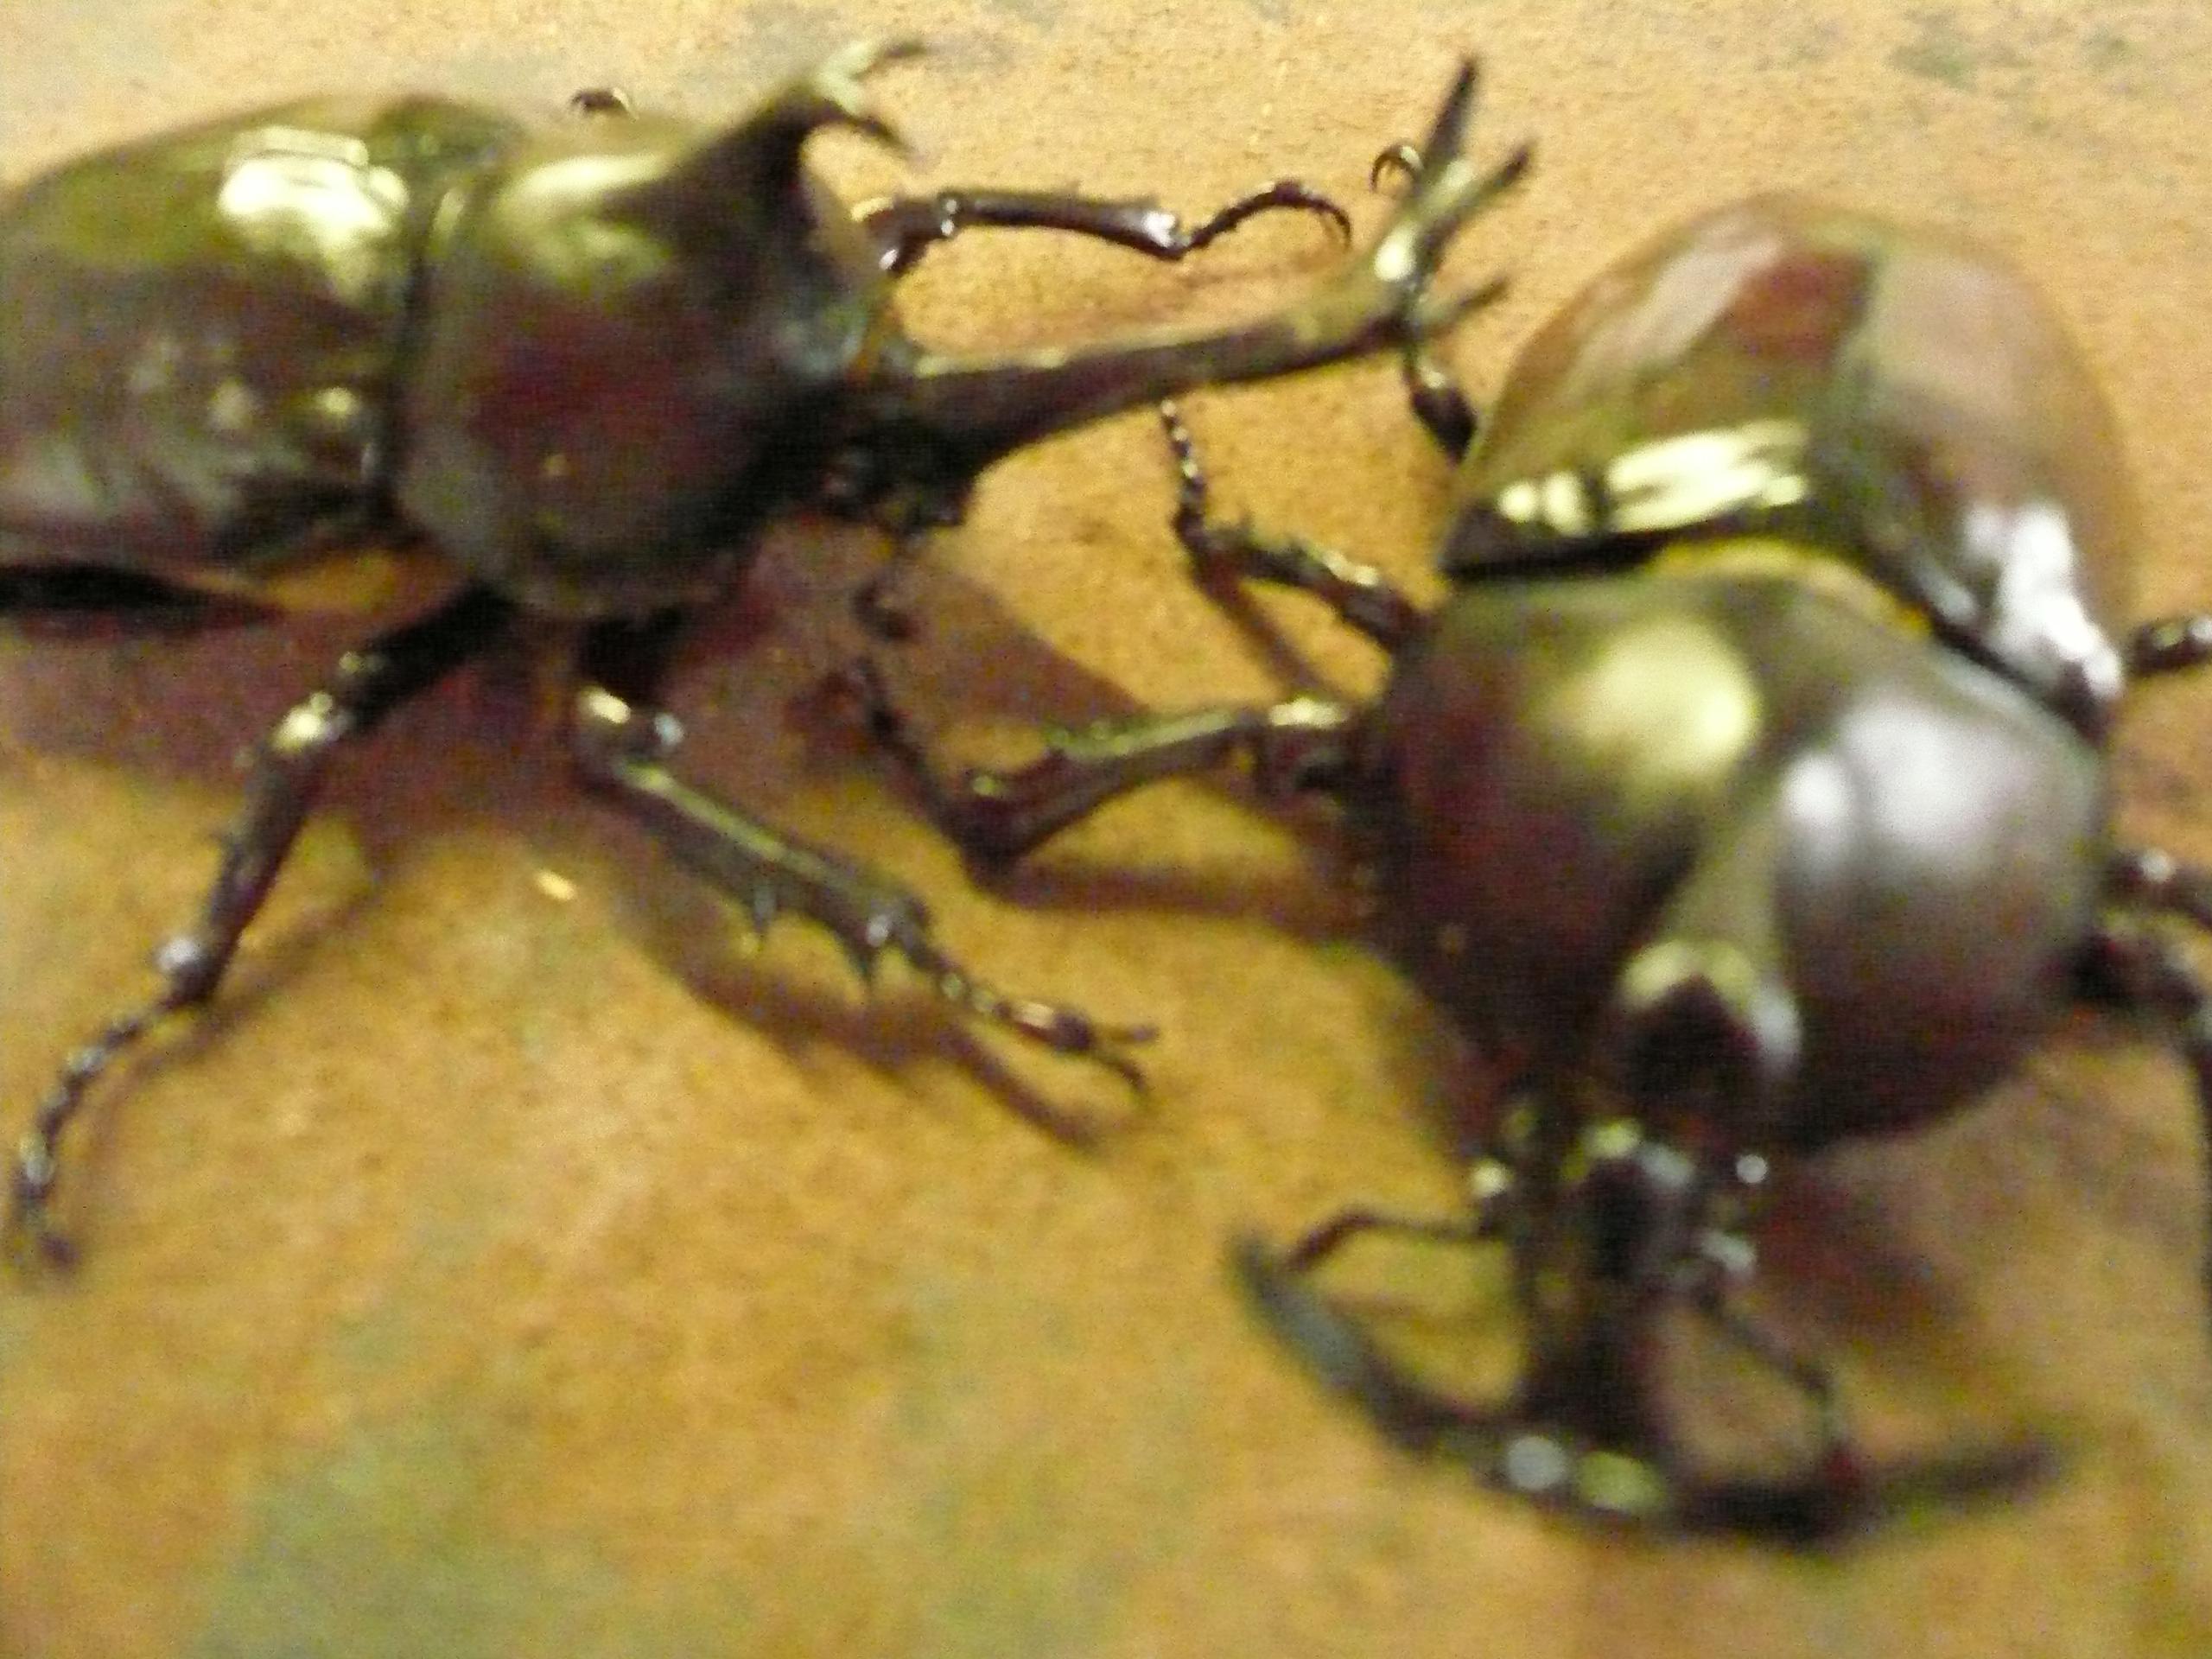 昆虫の聖地中津川 今年も昆虫シーズンの到来です